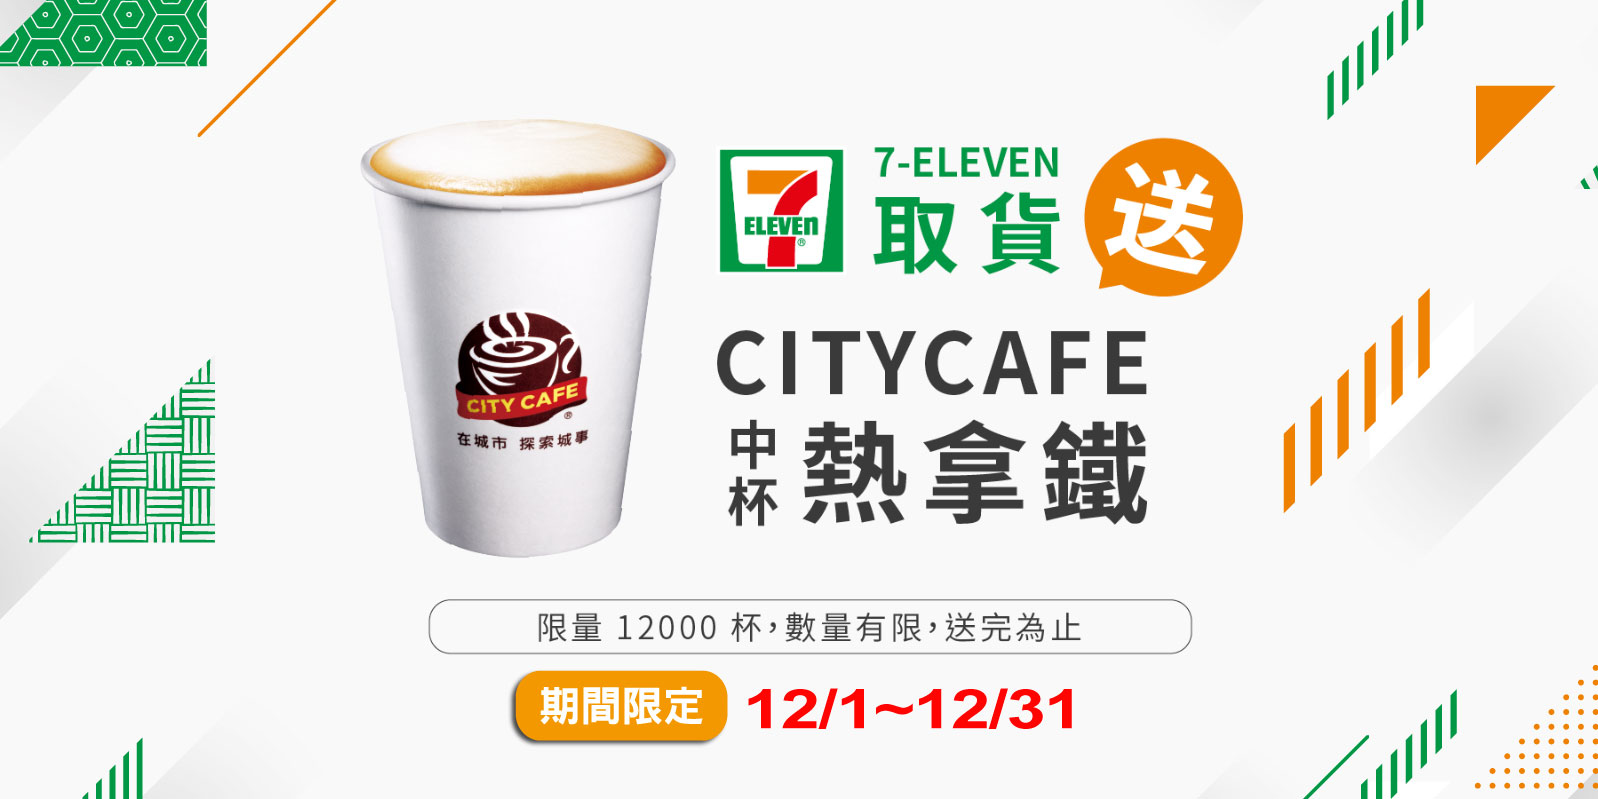 12月份 7-11取貨送 CITYCAFE 中杯熱拿鐵,限量 12,000 杯!